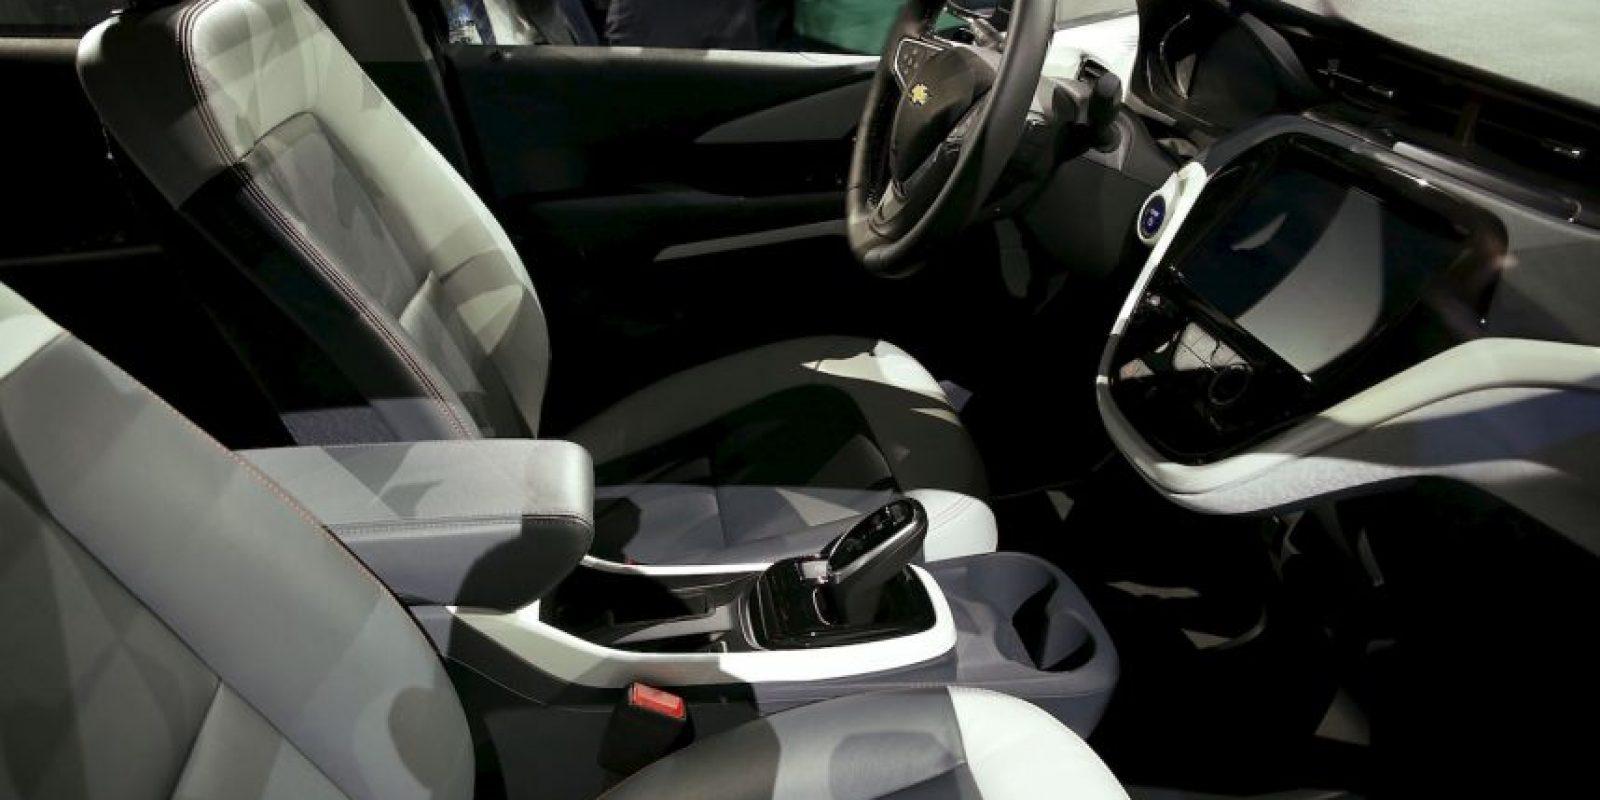 Automóviles. Los pasajeros menos expuestos resultan ser los que viajan en el asiento trasero central, de acuerdo con Colegio Profesional de Fisioterapeutas de la Comunidad de Madrid. Foto:Getty Images